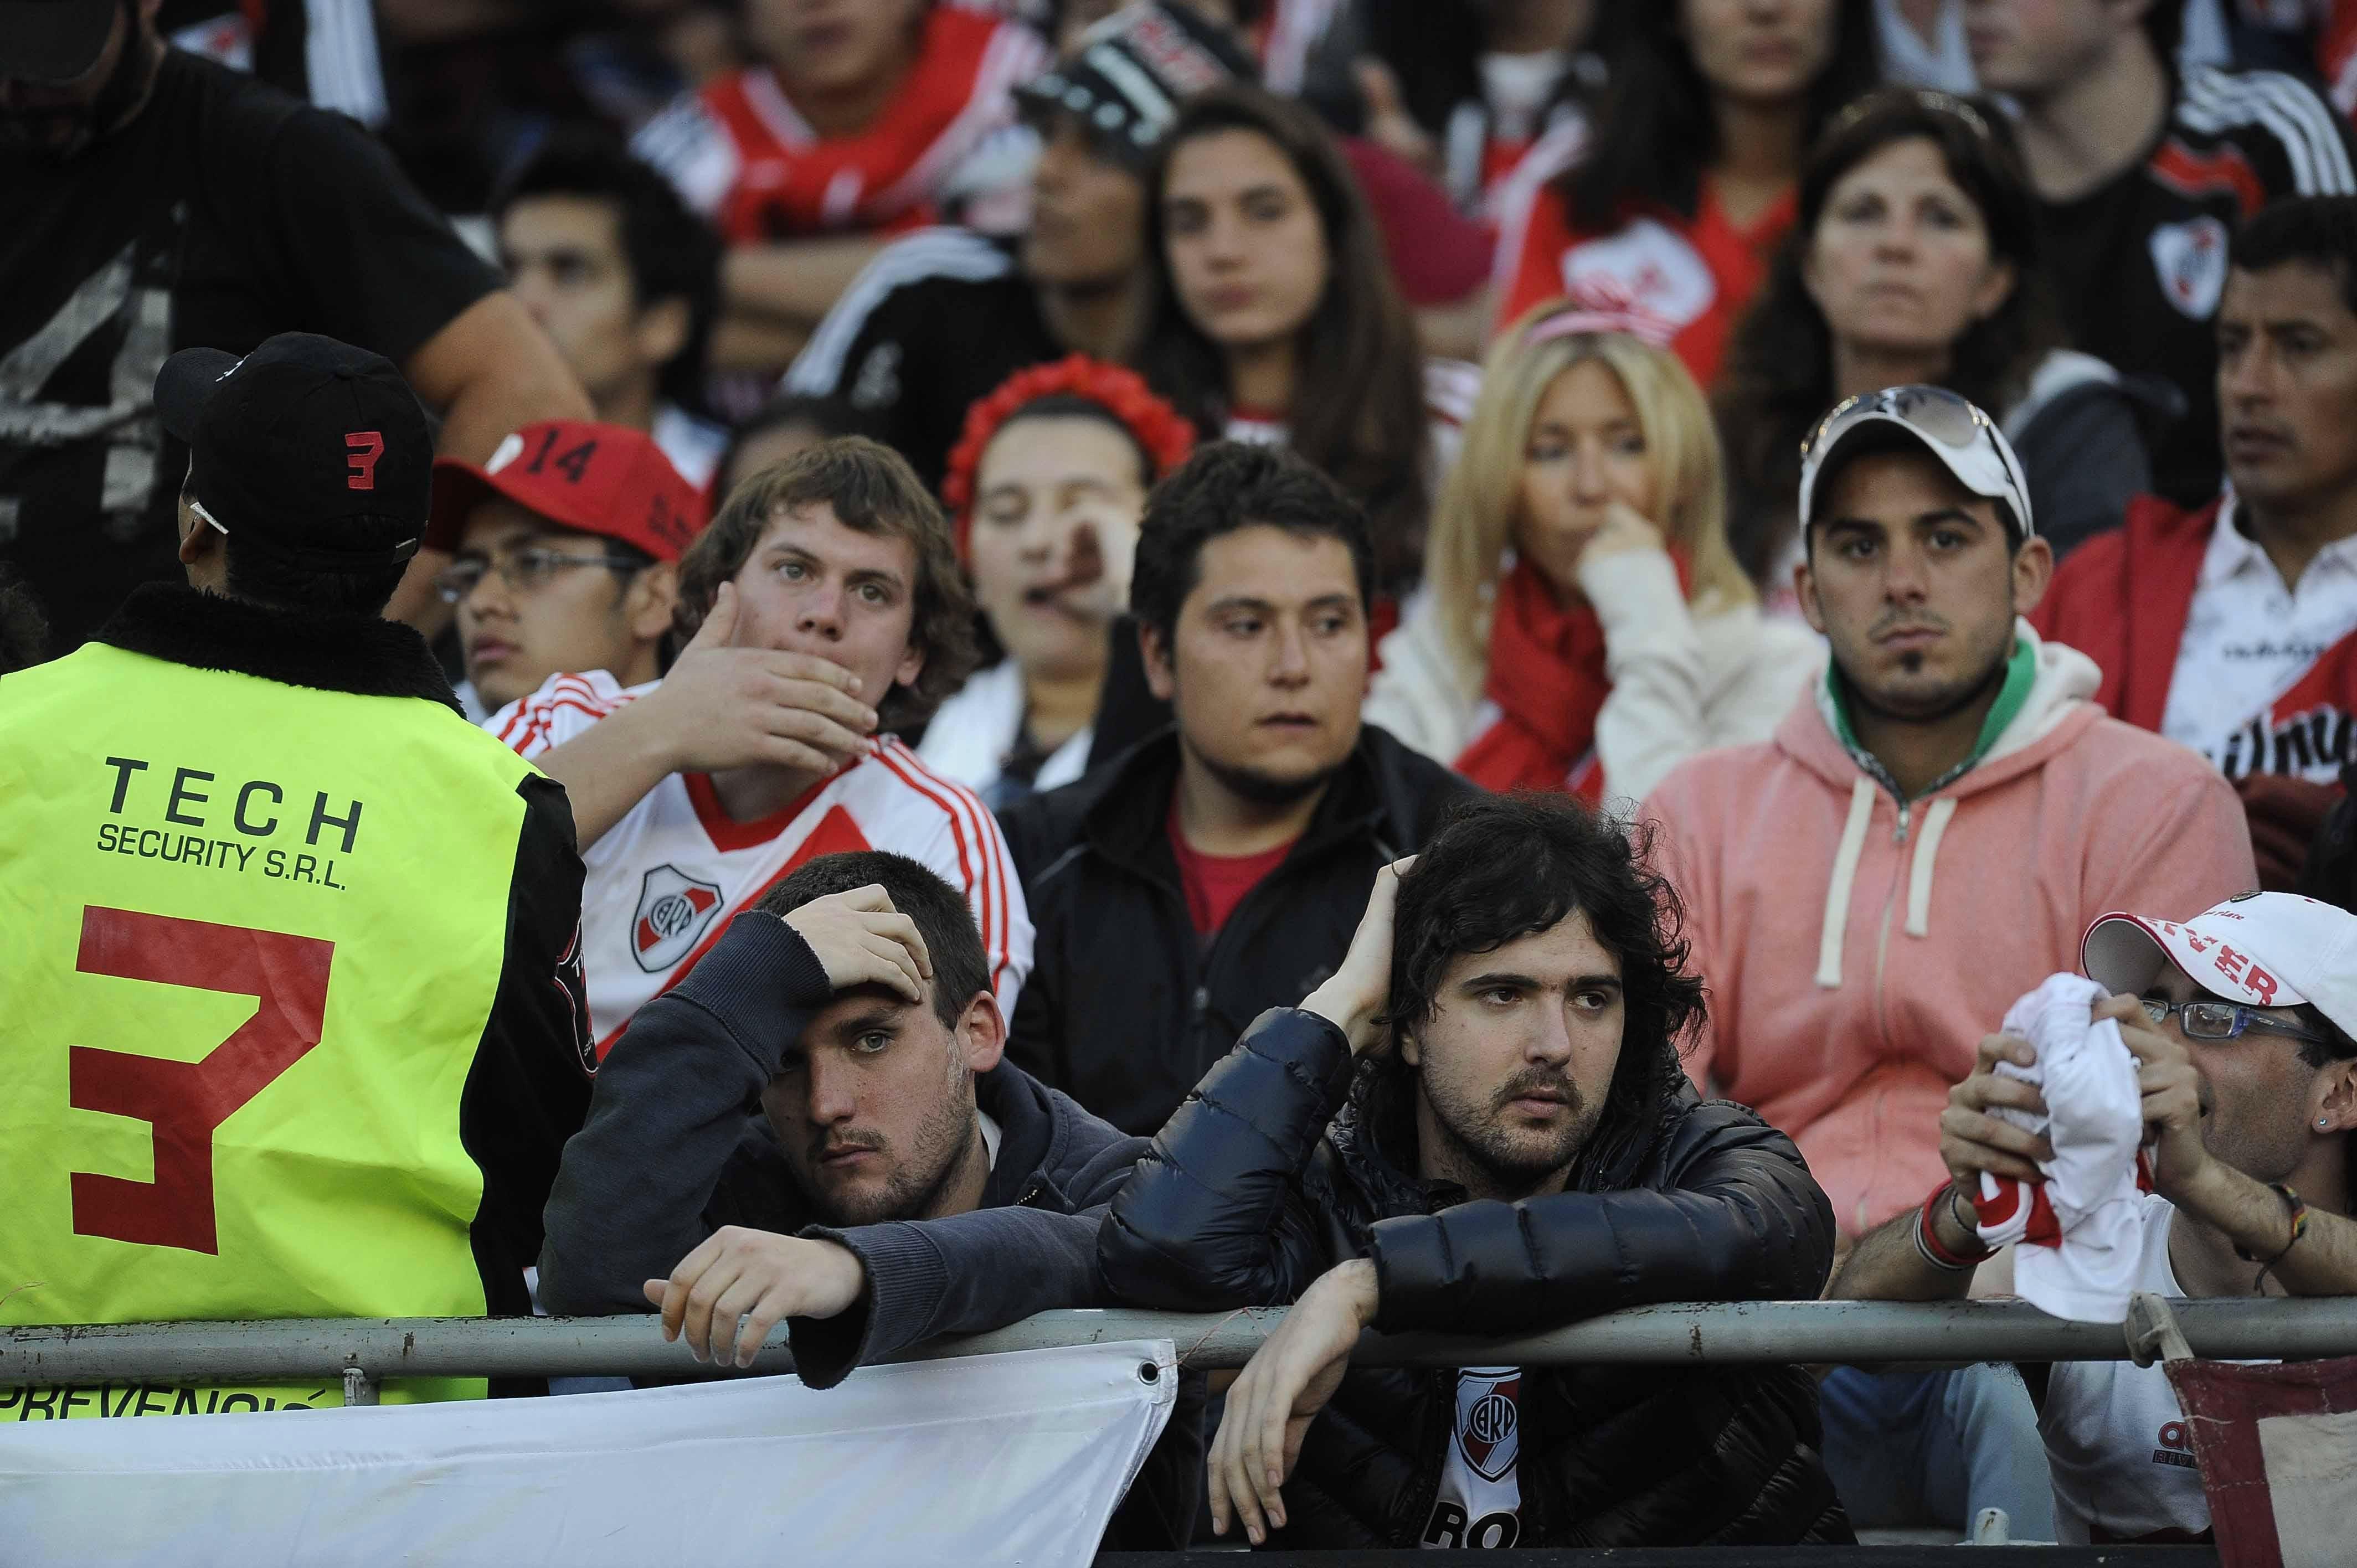 #Superclasico: Boca se impuso ante River en el Monumental y todos los protagonistas dejaron su sello. Mirá la galería con las mejores fotos del partido más importante del fútbol argentino http://www.diariopopular.com.ar/c171280